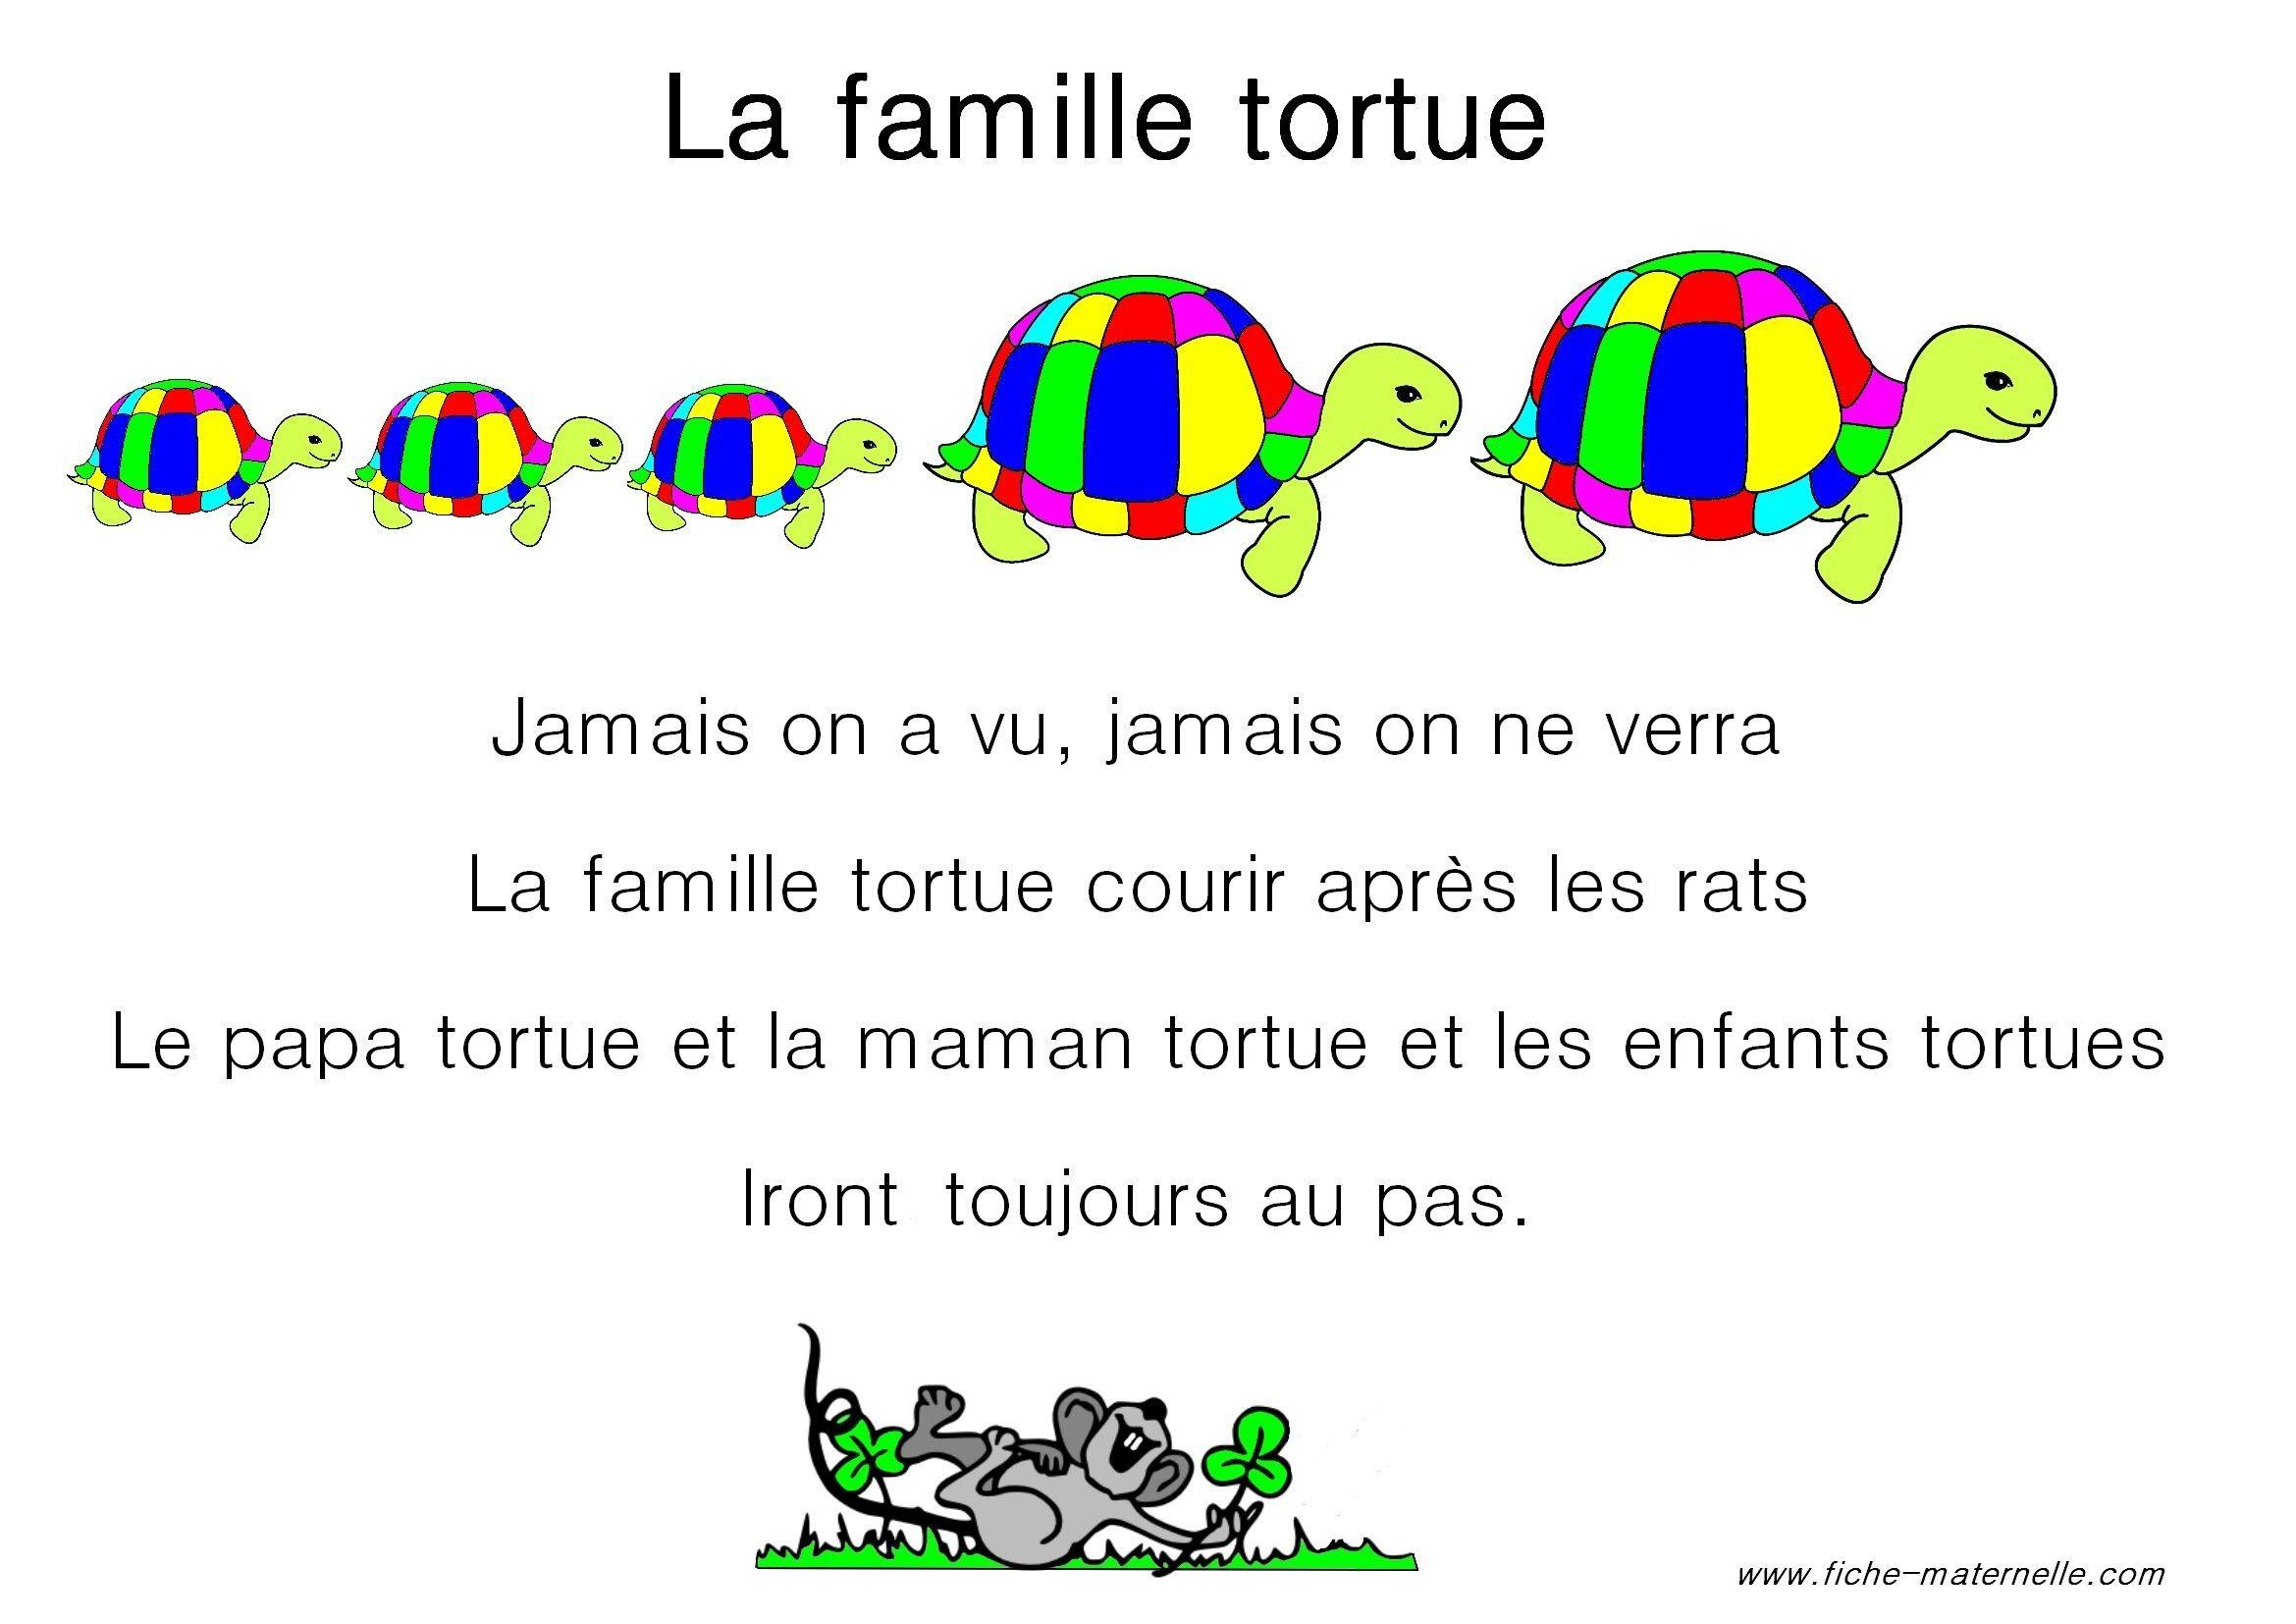 Paroles De La Chanson La Famille Tortue